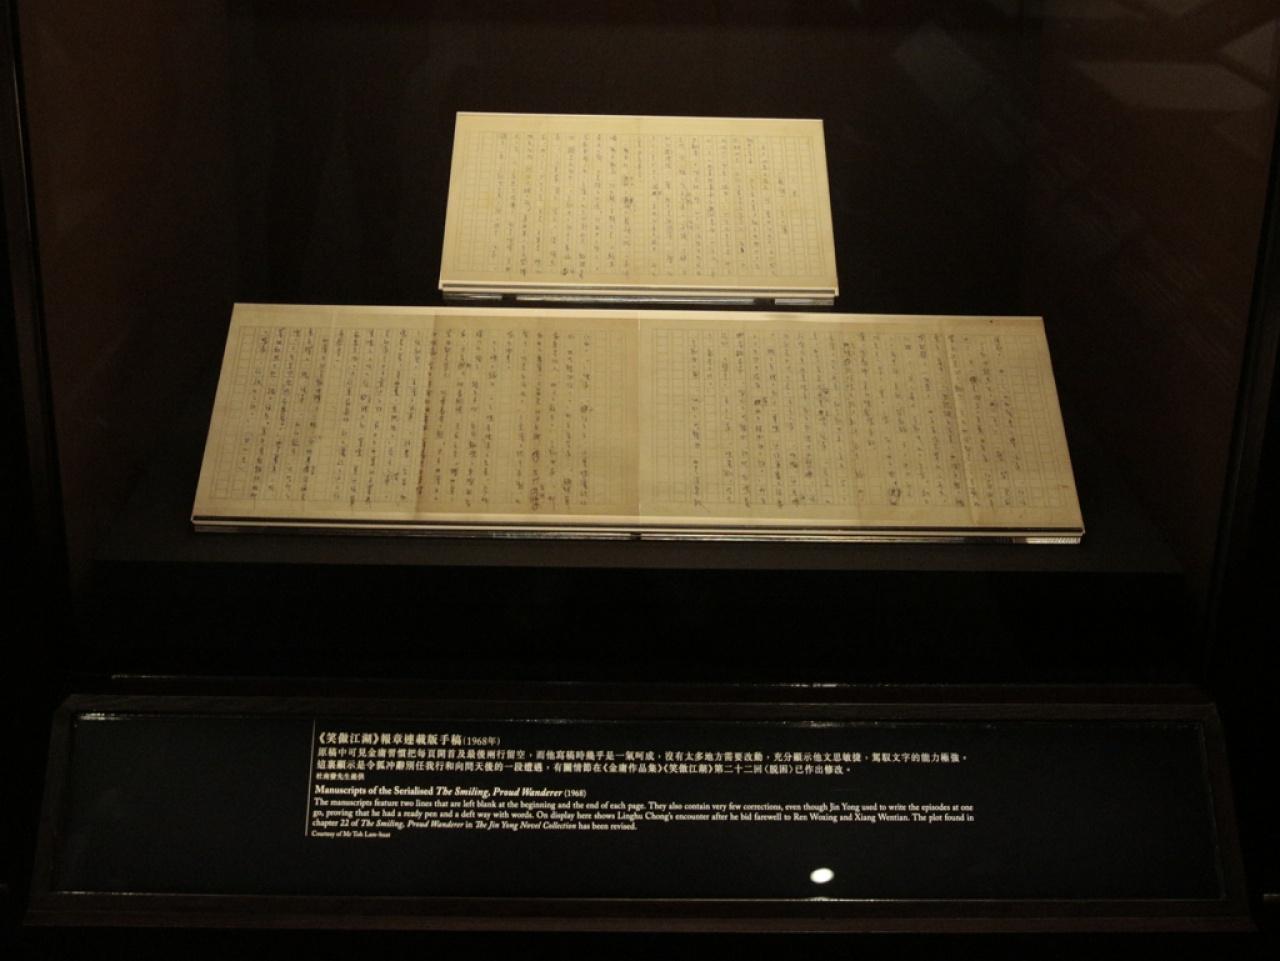 金庸在1967年創作《笑傲江湖》的原手稿是展覽最珍貴的展品。(林若勤攝)